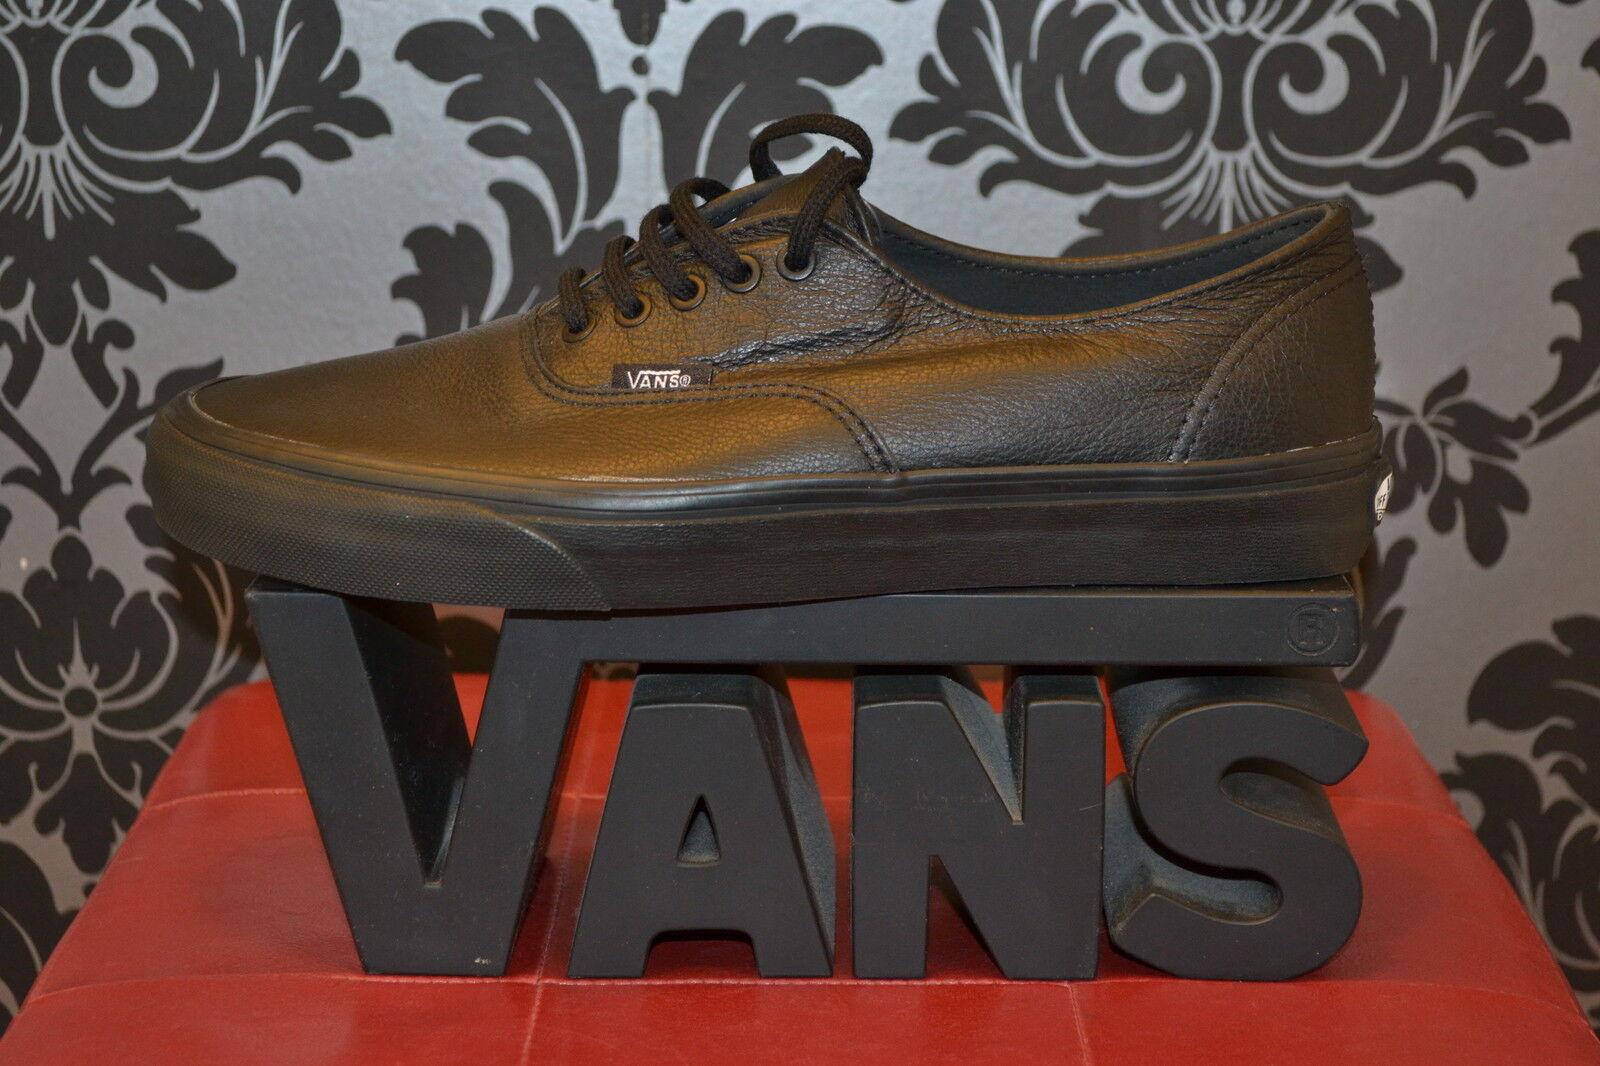 BNIB Vans Authentic trainers/sneakers Negro Mono De Cuero Con Encaje, Reino Unido 3 a 11